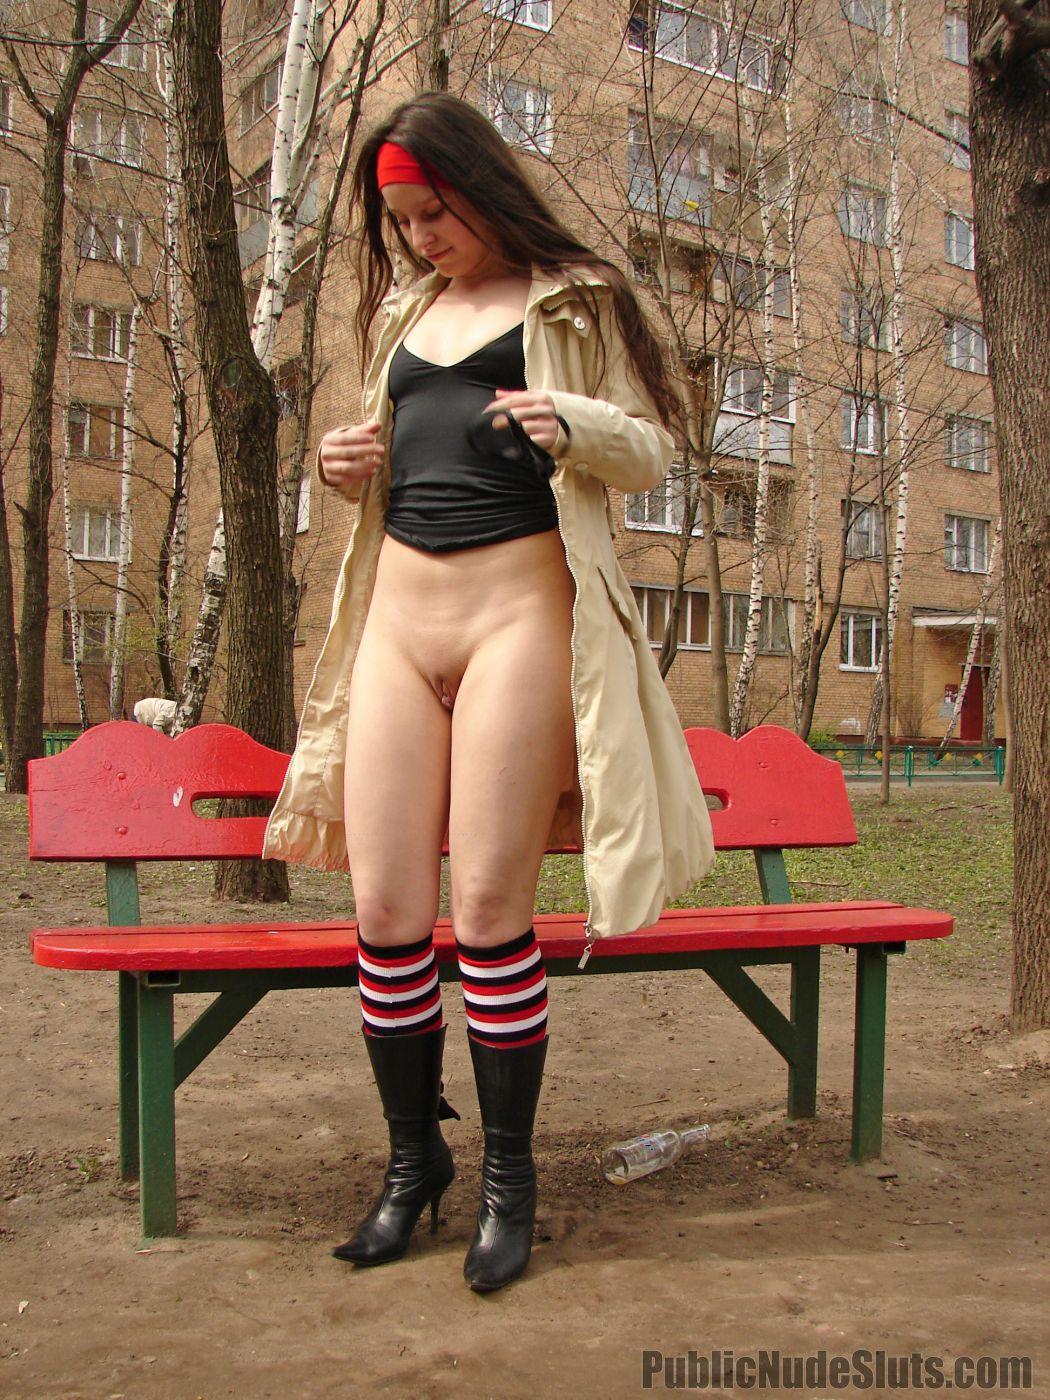 0303_ Nudegirls in public.1,